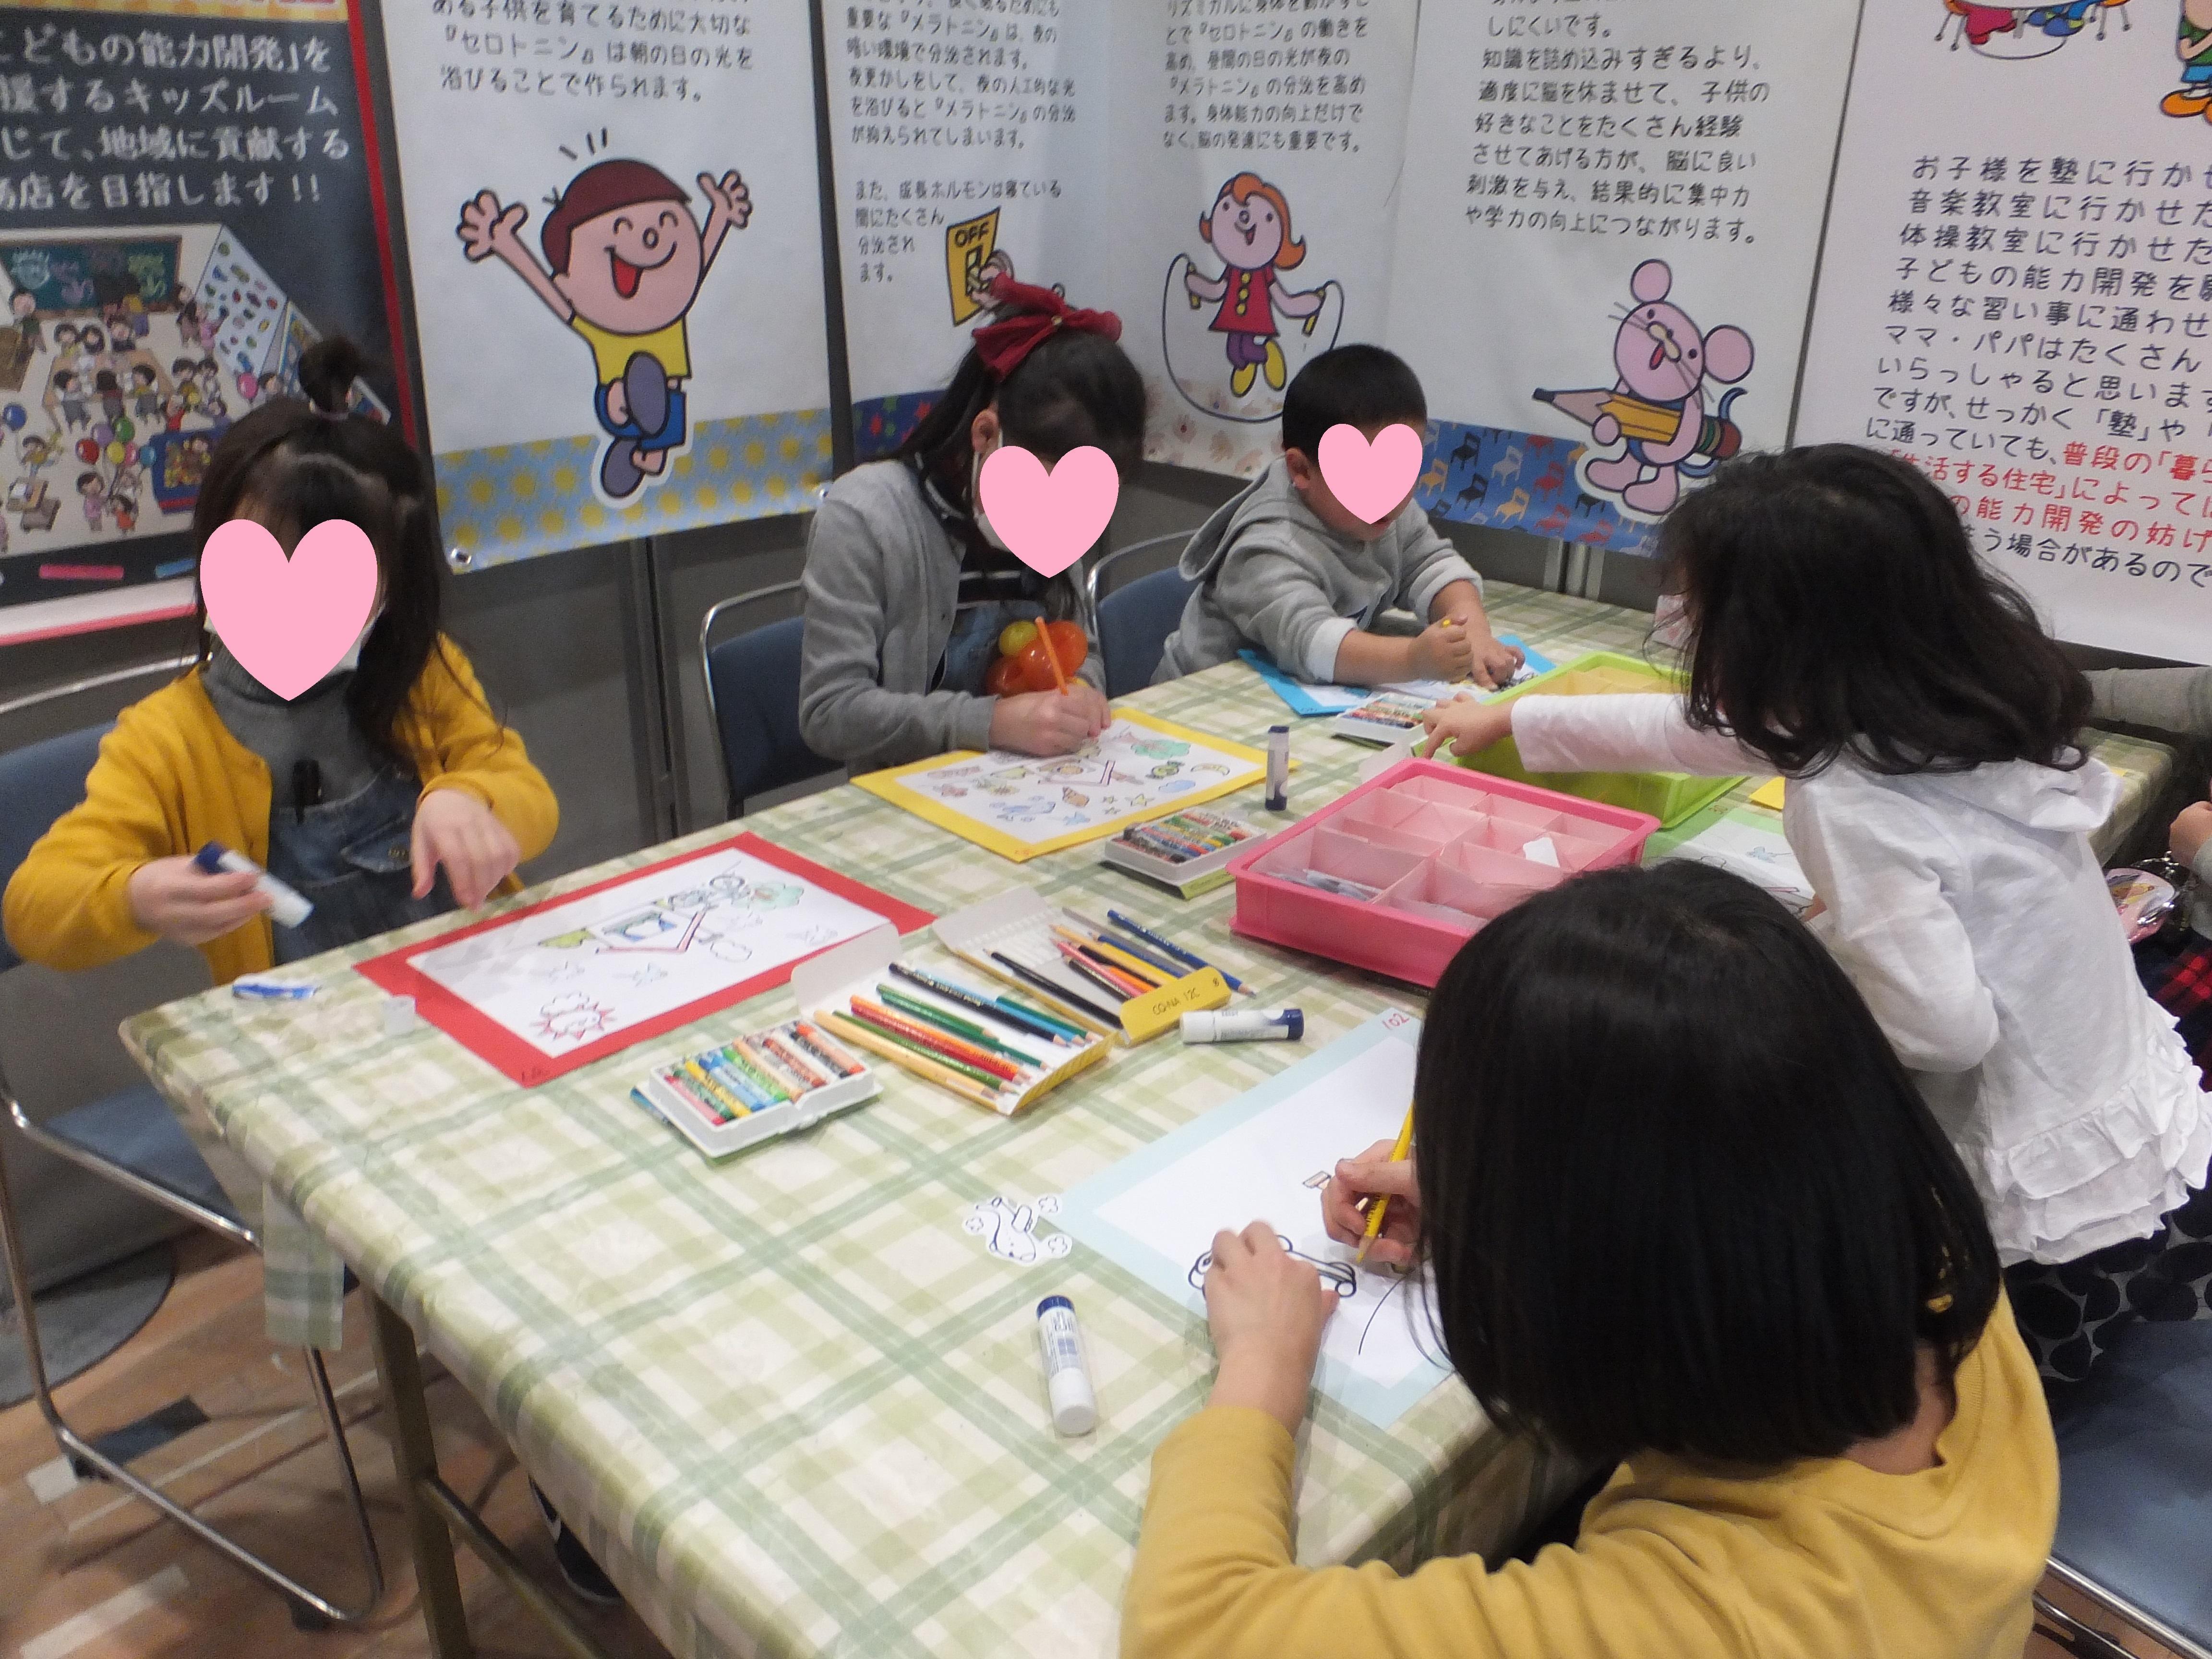 https://www.lixil-reformshop.jp/shop/SP00000505/photos/7f867ea9b5bacbe68b621e249d8312f2f57573ca.jpg